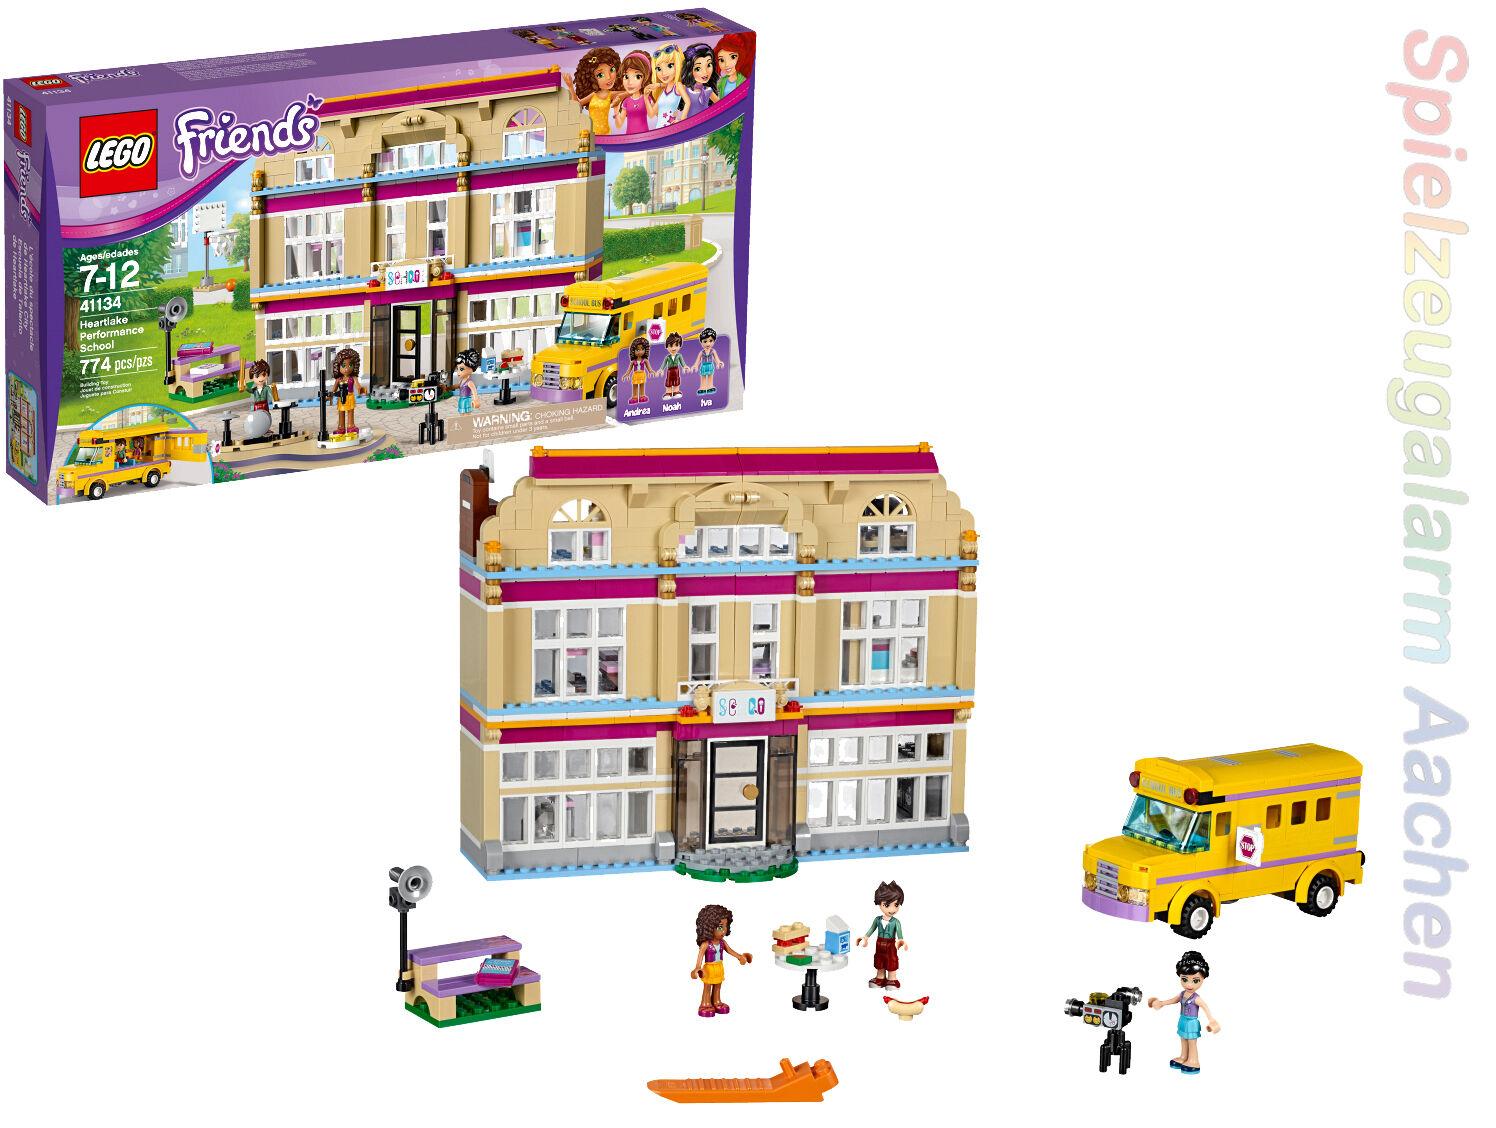 LEGO 41134 Friends Heartlake Kunstschule Tanzschule Performance school noah